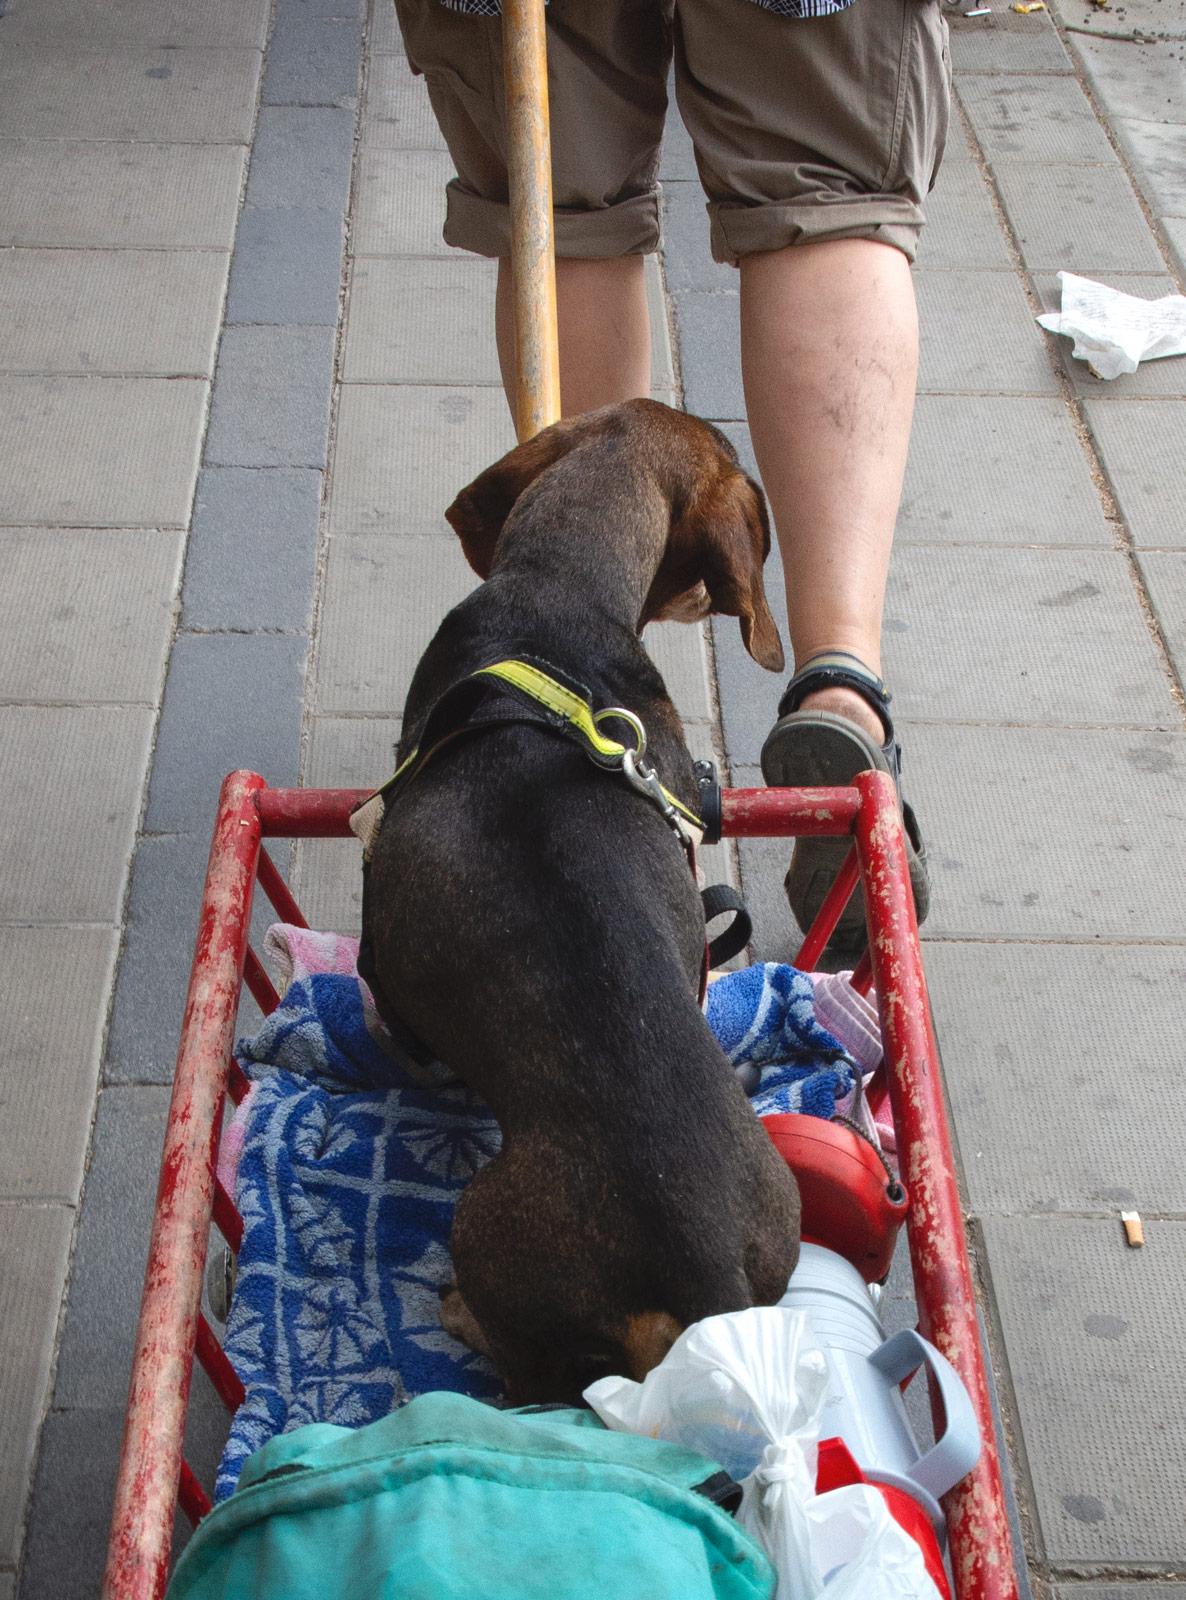 Dachshund in a cart